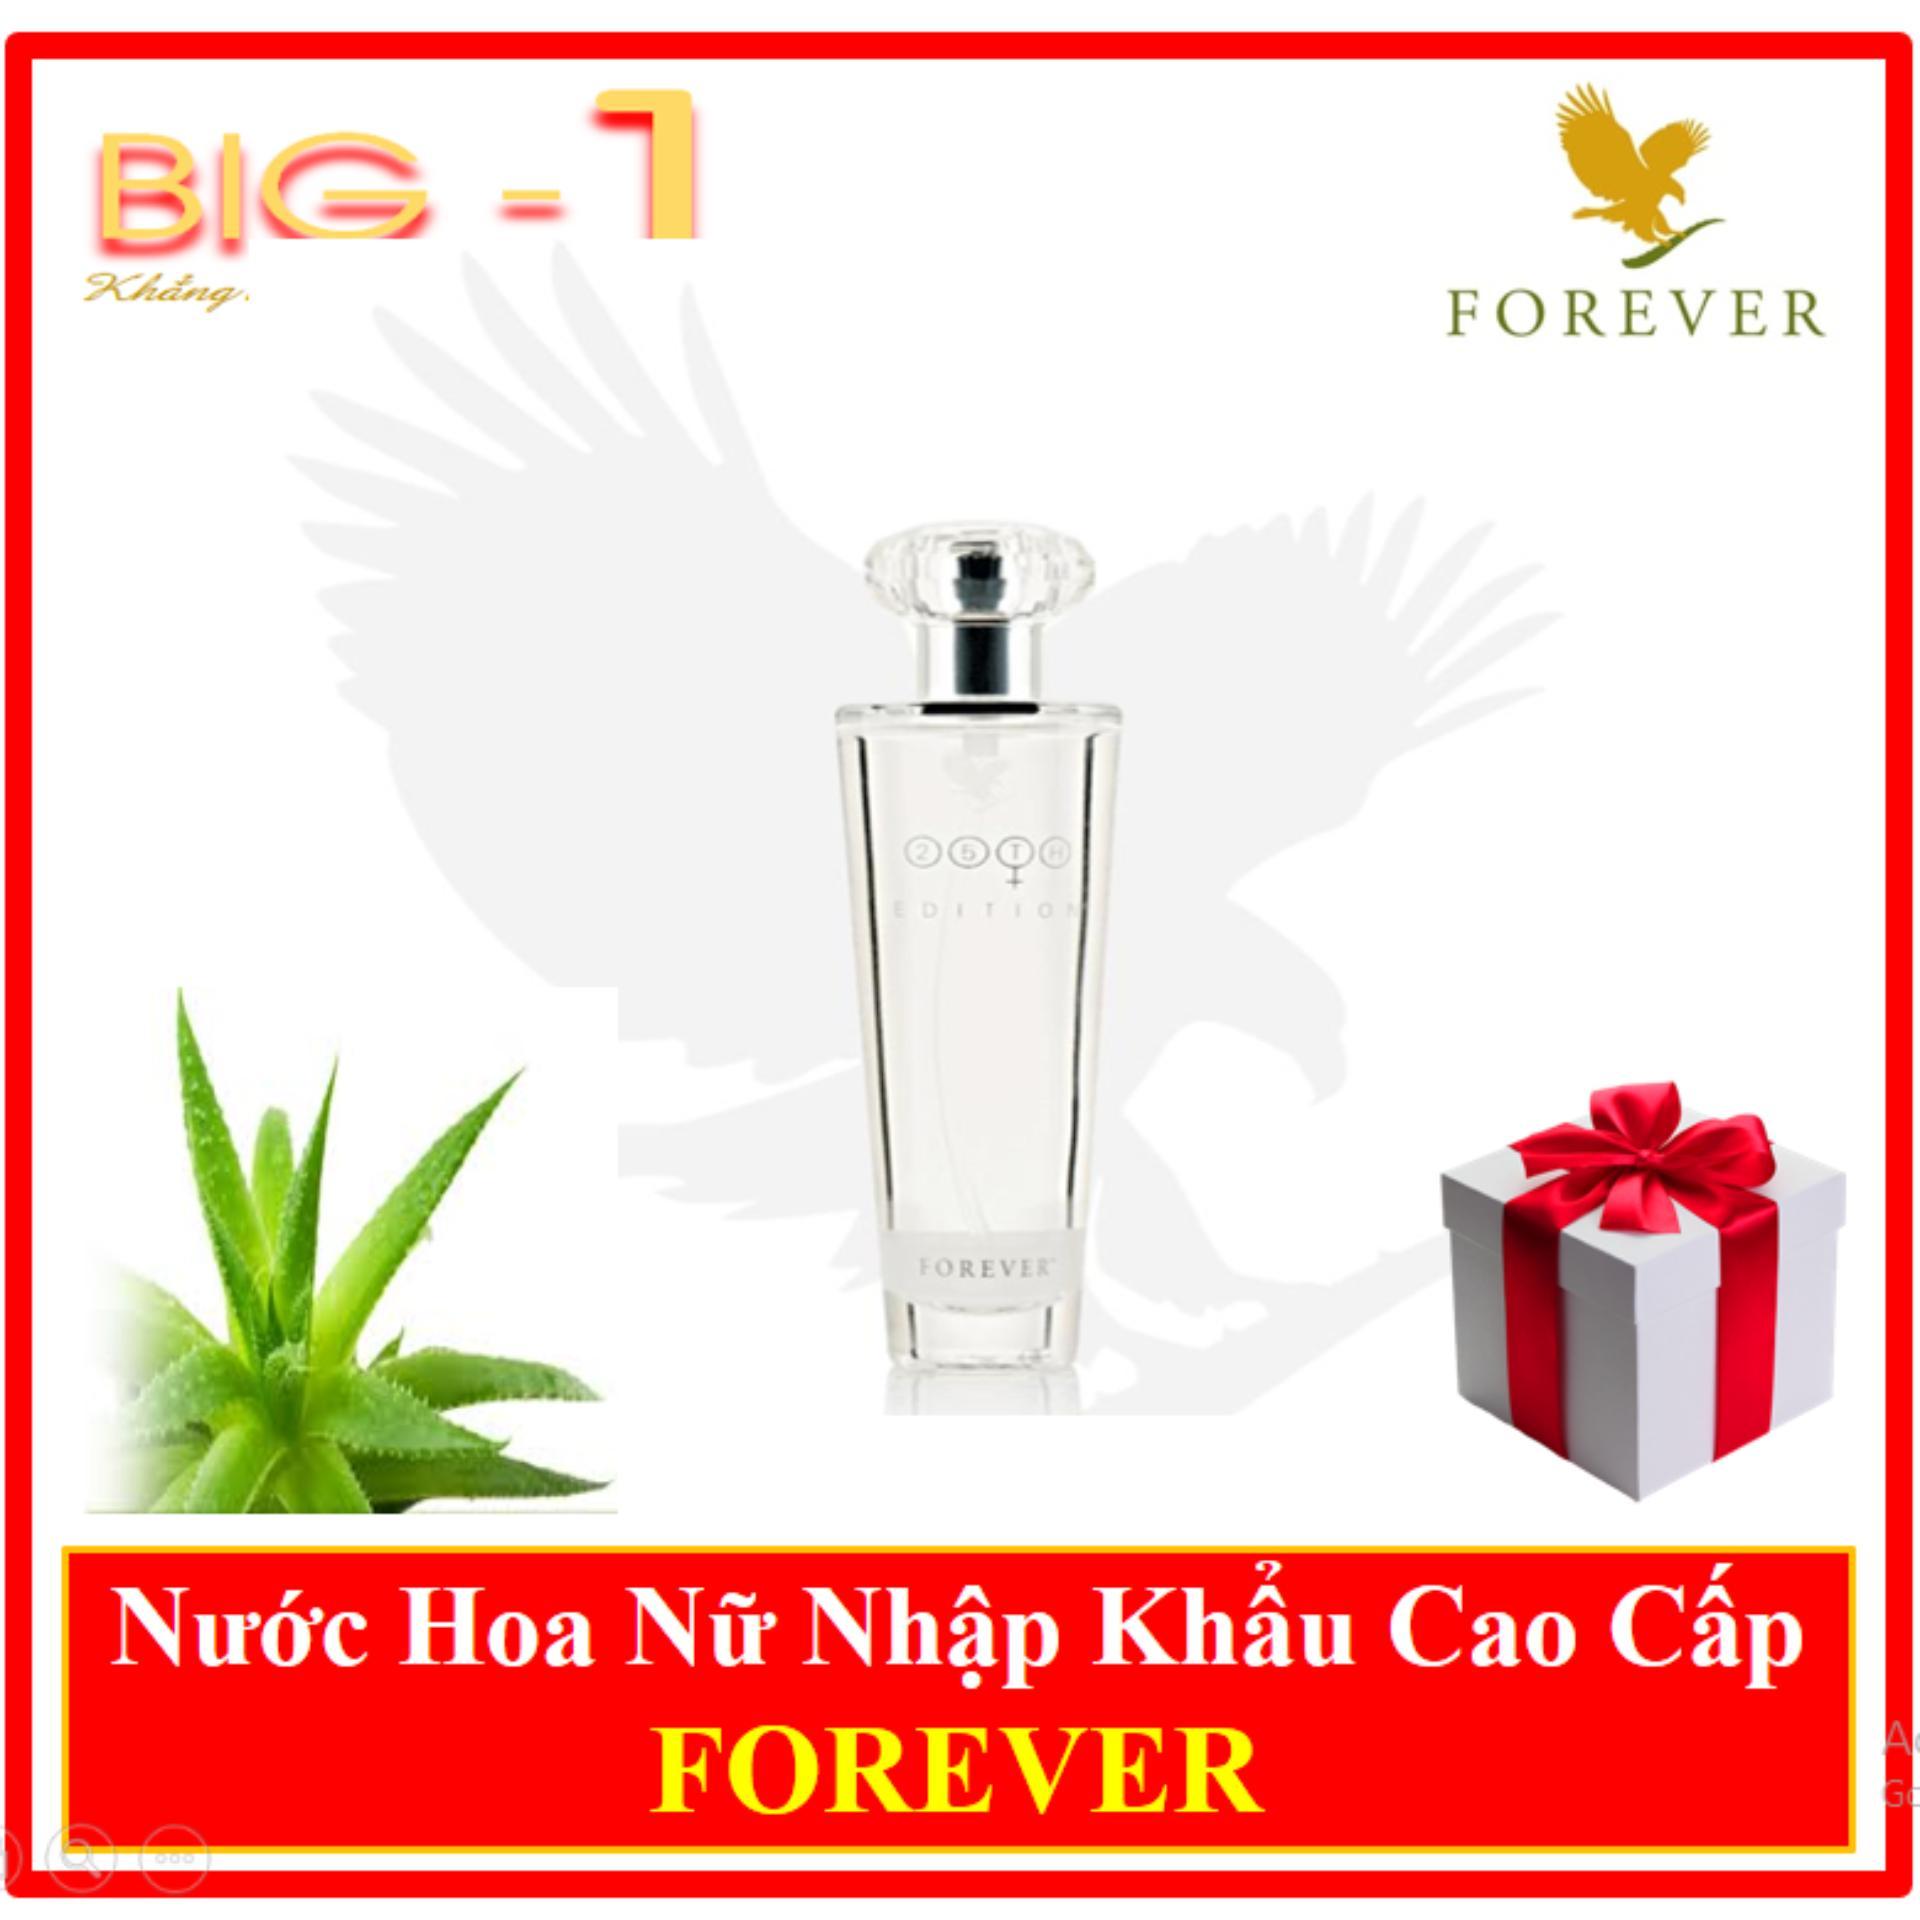 Nước hoa nữ cao cấp thiên nhiên Forever 25th Edition Perfume Spray for Women - tặng 50 ly giấy hàn quốc